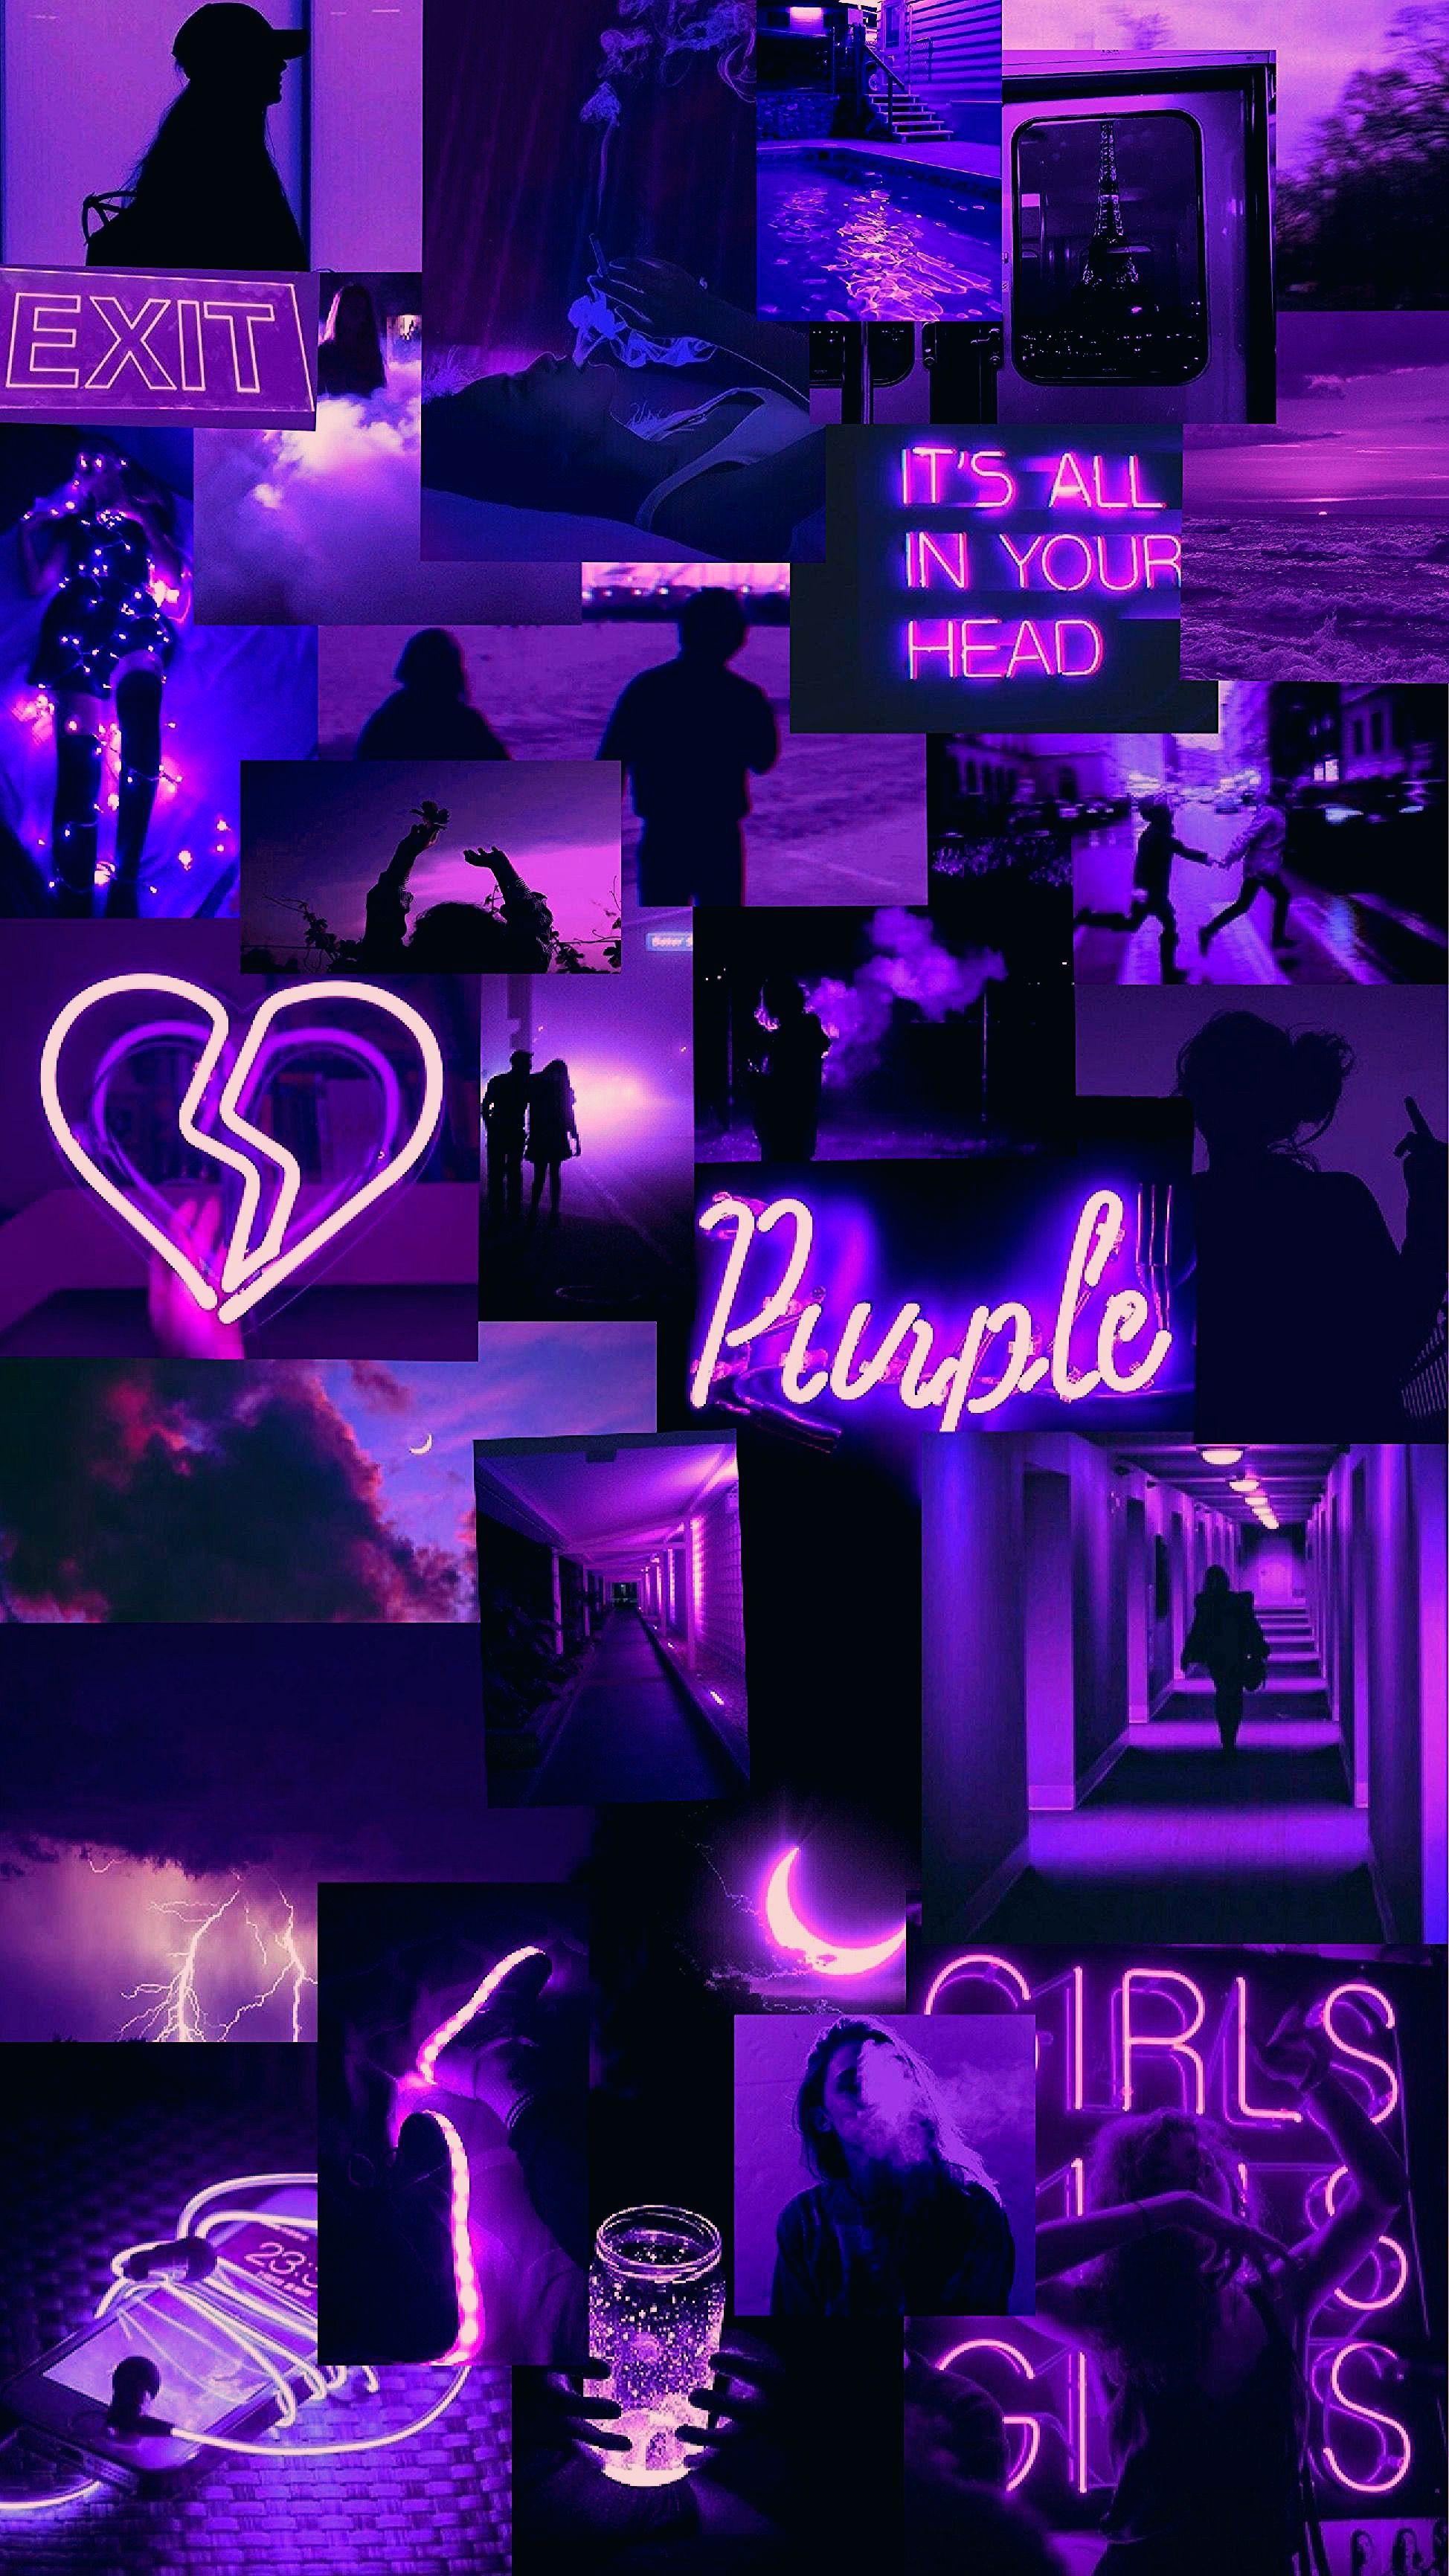 Pin by Scott Powlowski on 紫色 in 2020 Purple wallpaper